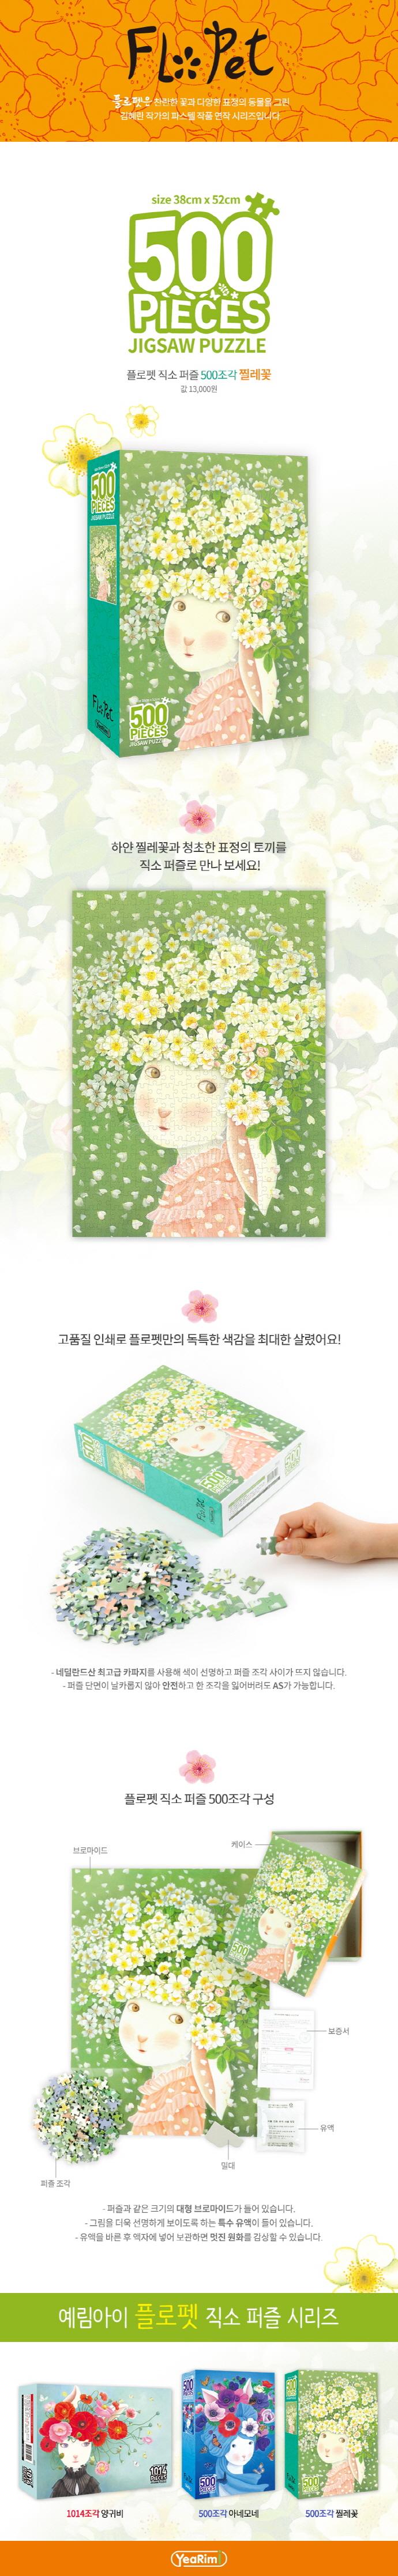 플로펫 직소 퍼즐 500조각: 찔레꽃(예림아이 직소퍼즐) 도서 상세이미지